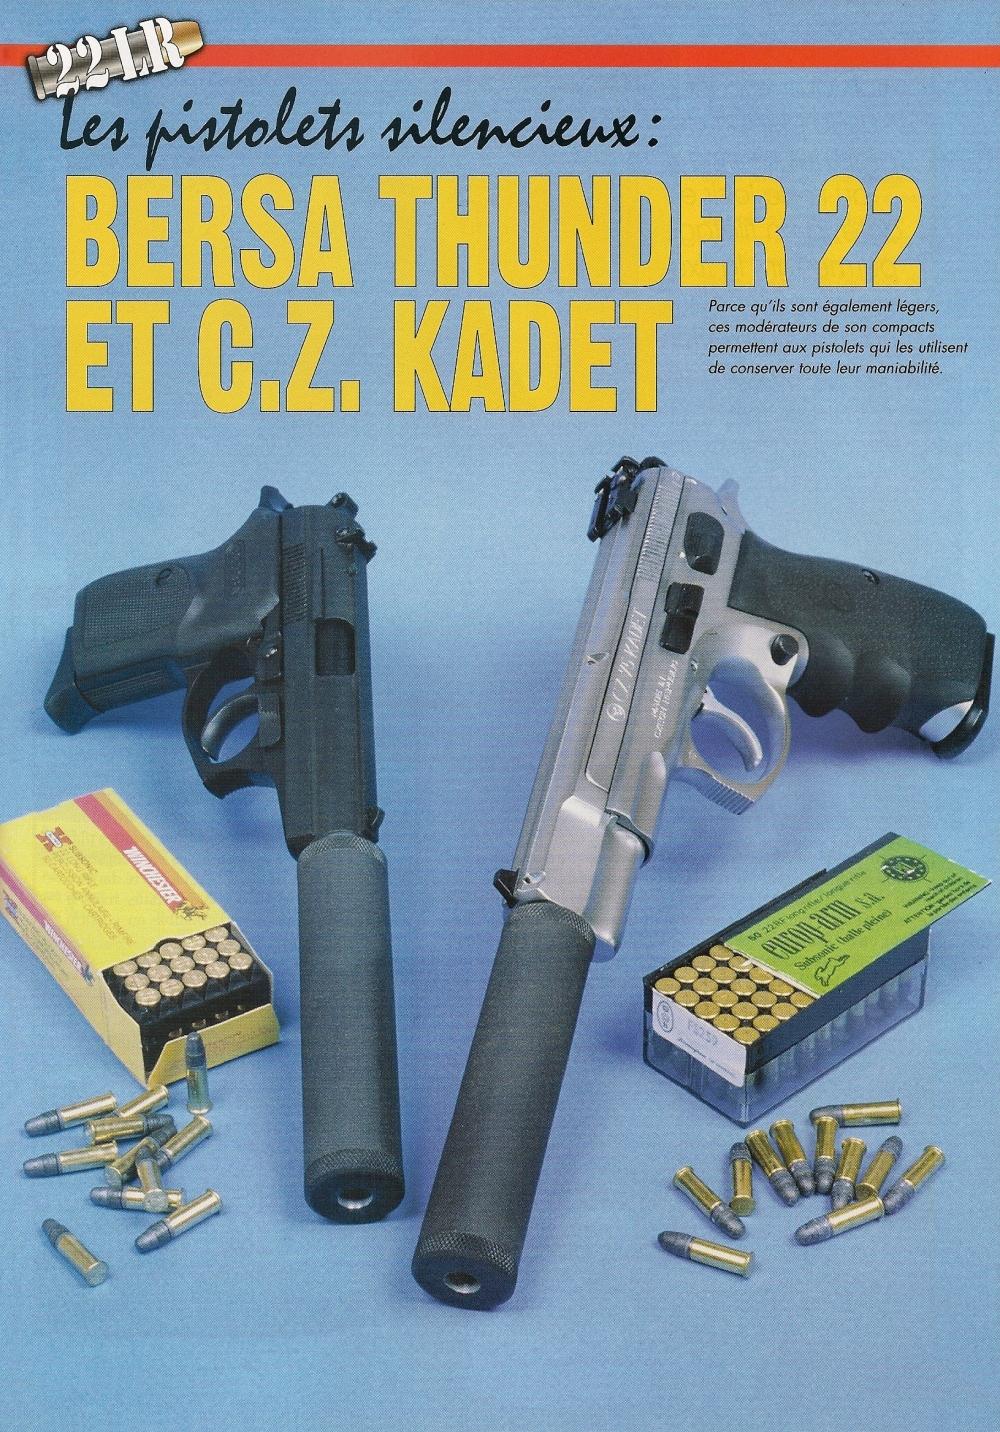 Grâce à leur légèreté, ces modérateurs de son compacts permettent aux pistolets qui les utilisent de conserver toute leur maniabilité.